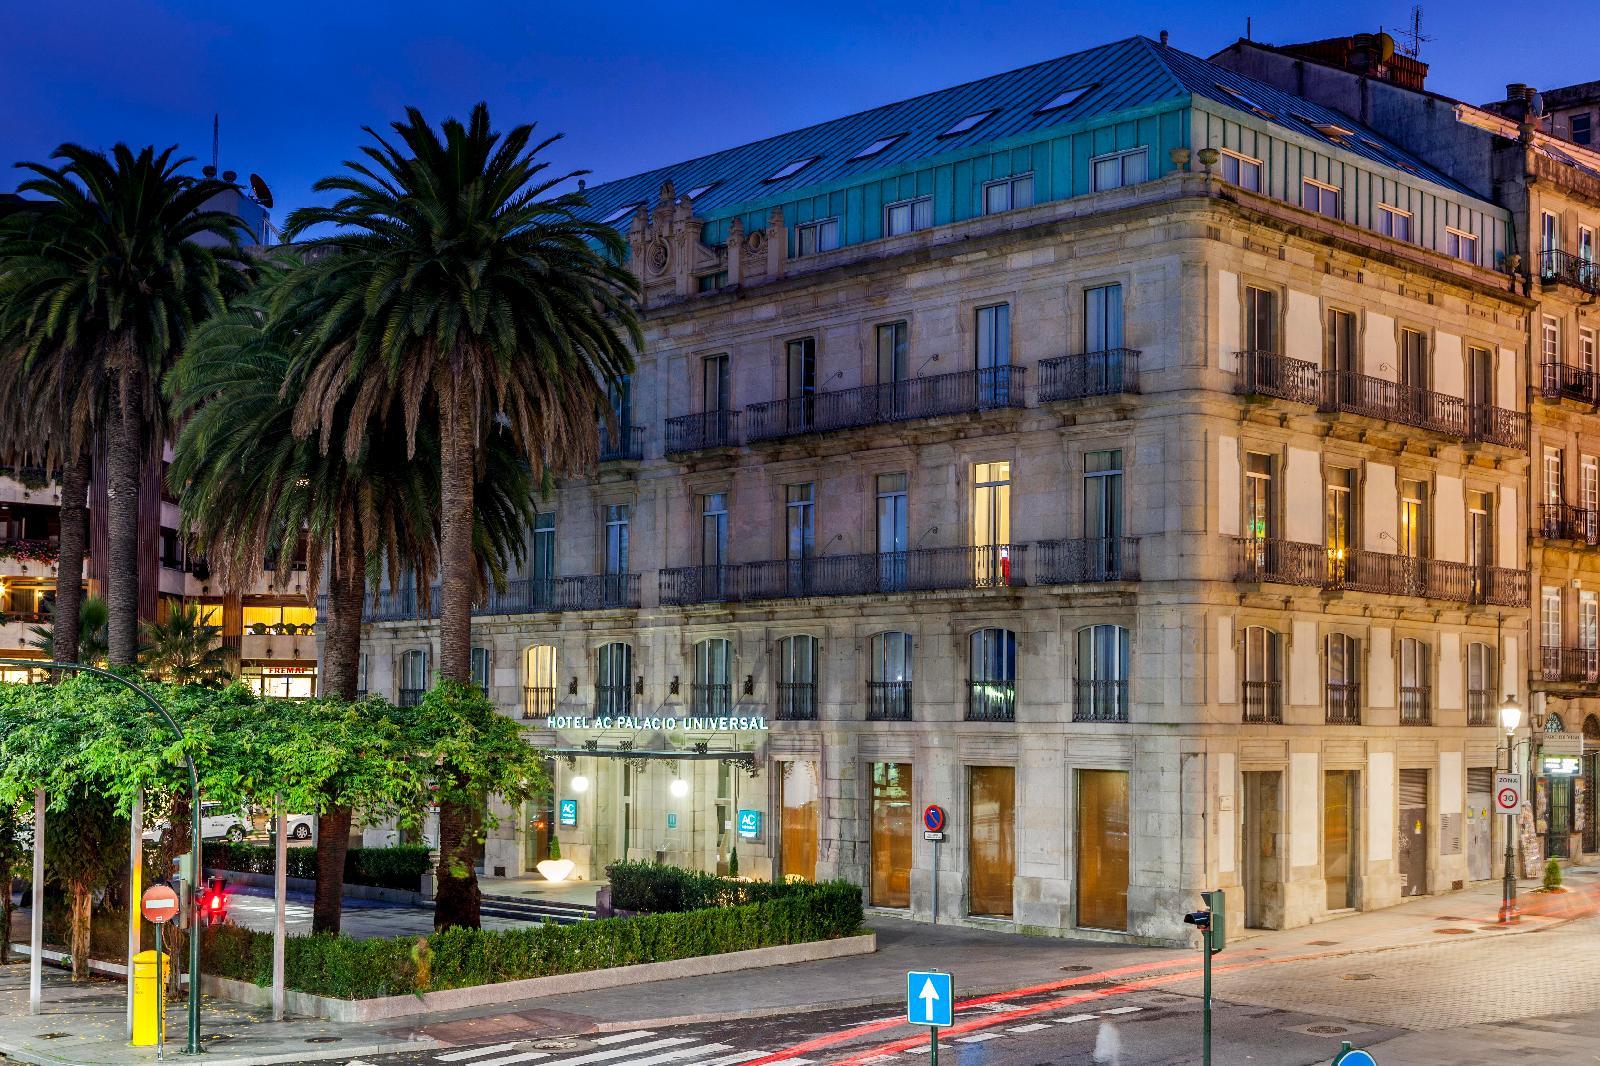 2. Ac Palacio Universal